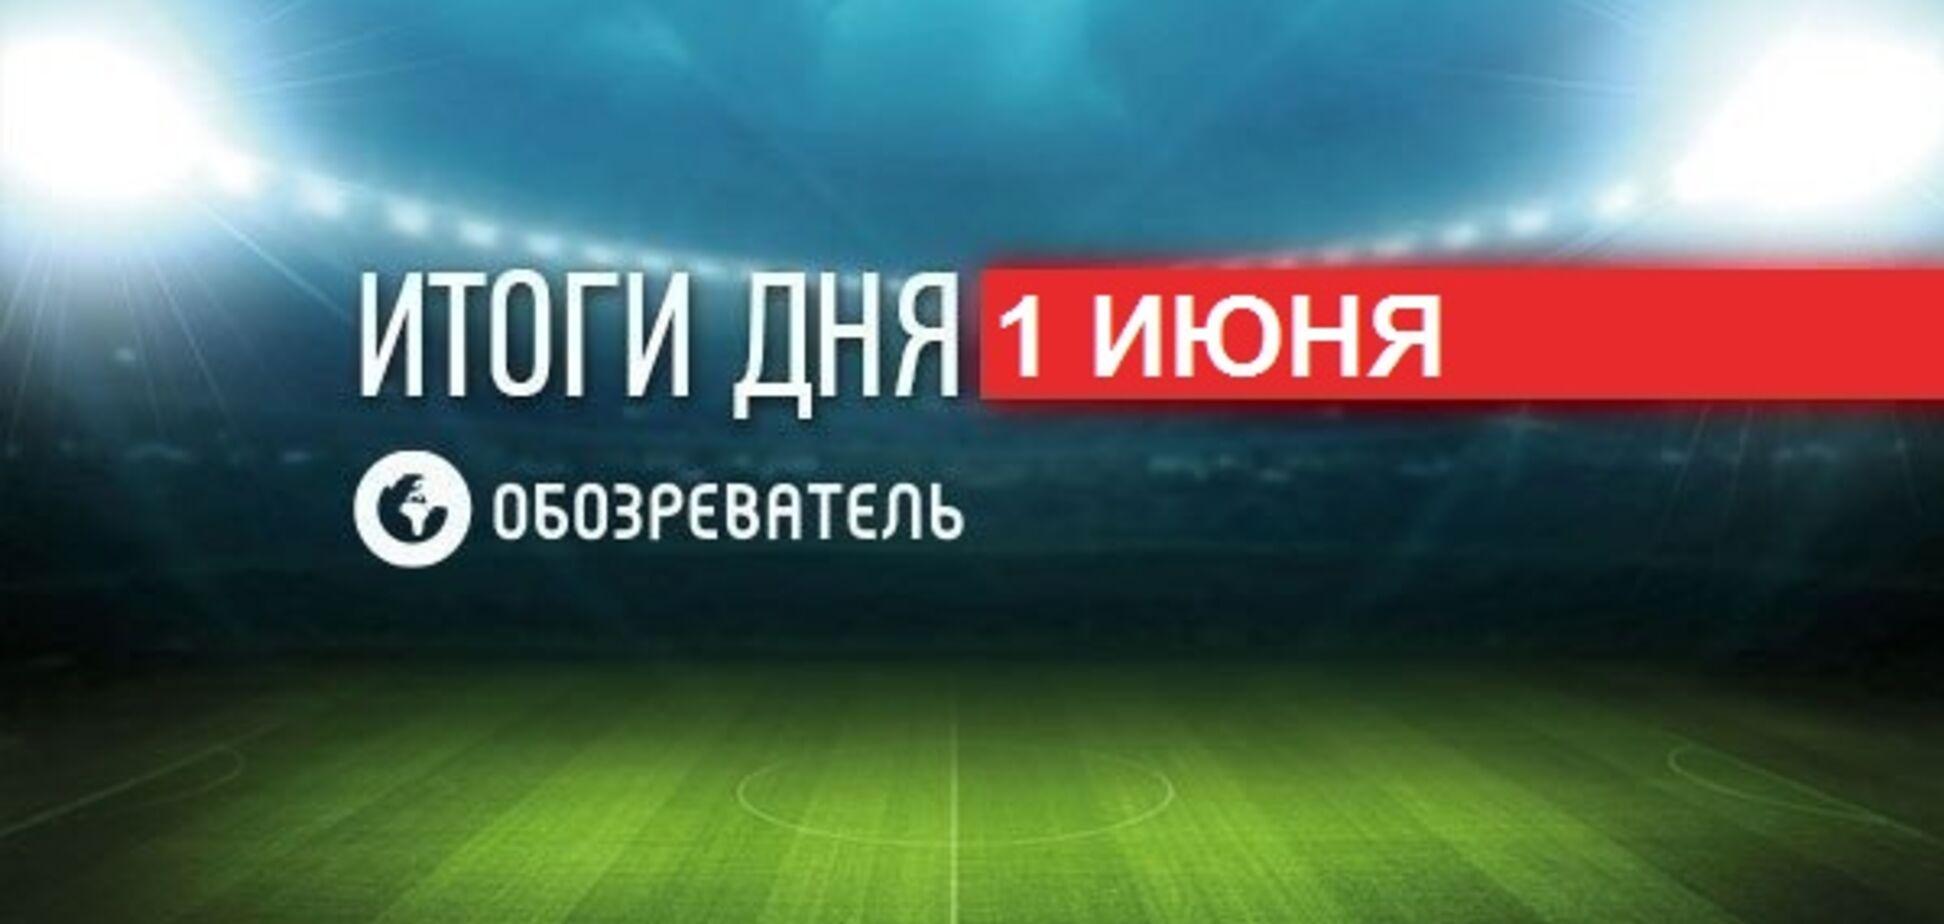 Команду из 'ДНР' приняли в чемпионат России: спортивные итоги 1 июня